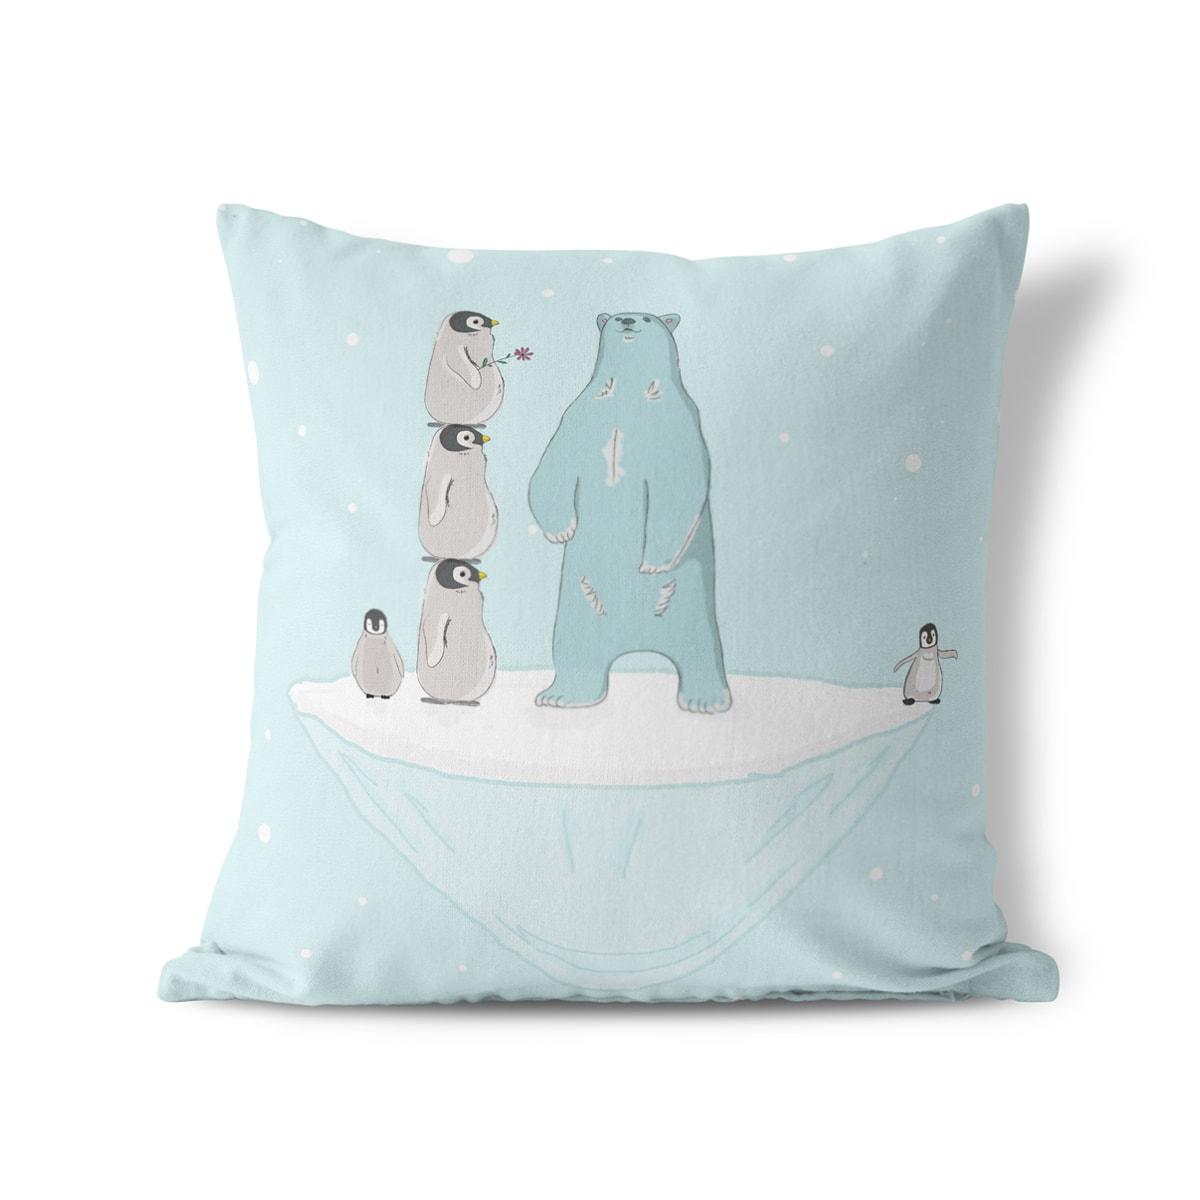 כרית נוי לחדר ילדים דגם דו ופינגווין - תמונה 1